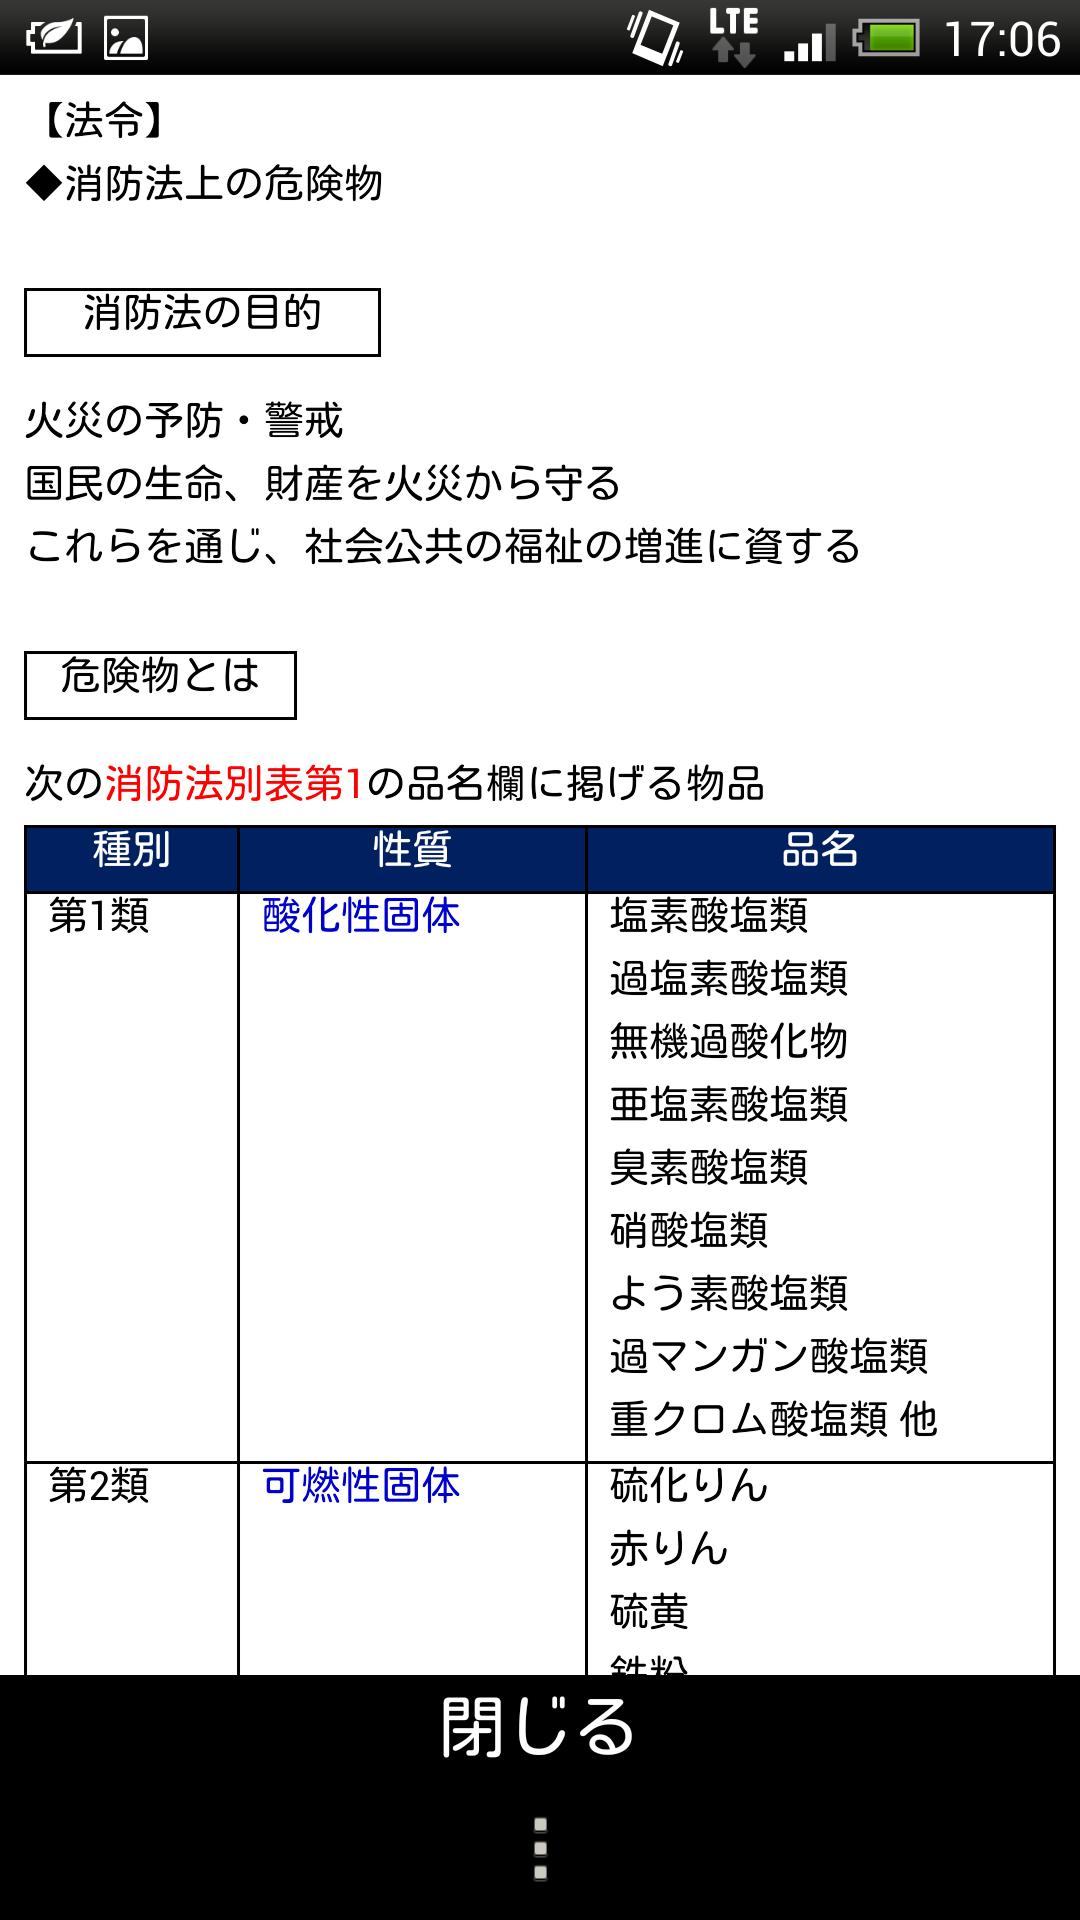 Amazon.co.jp: パブロフ乙4forK...